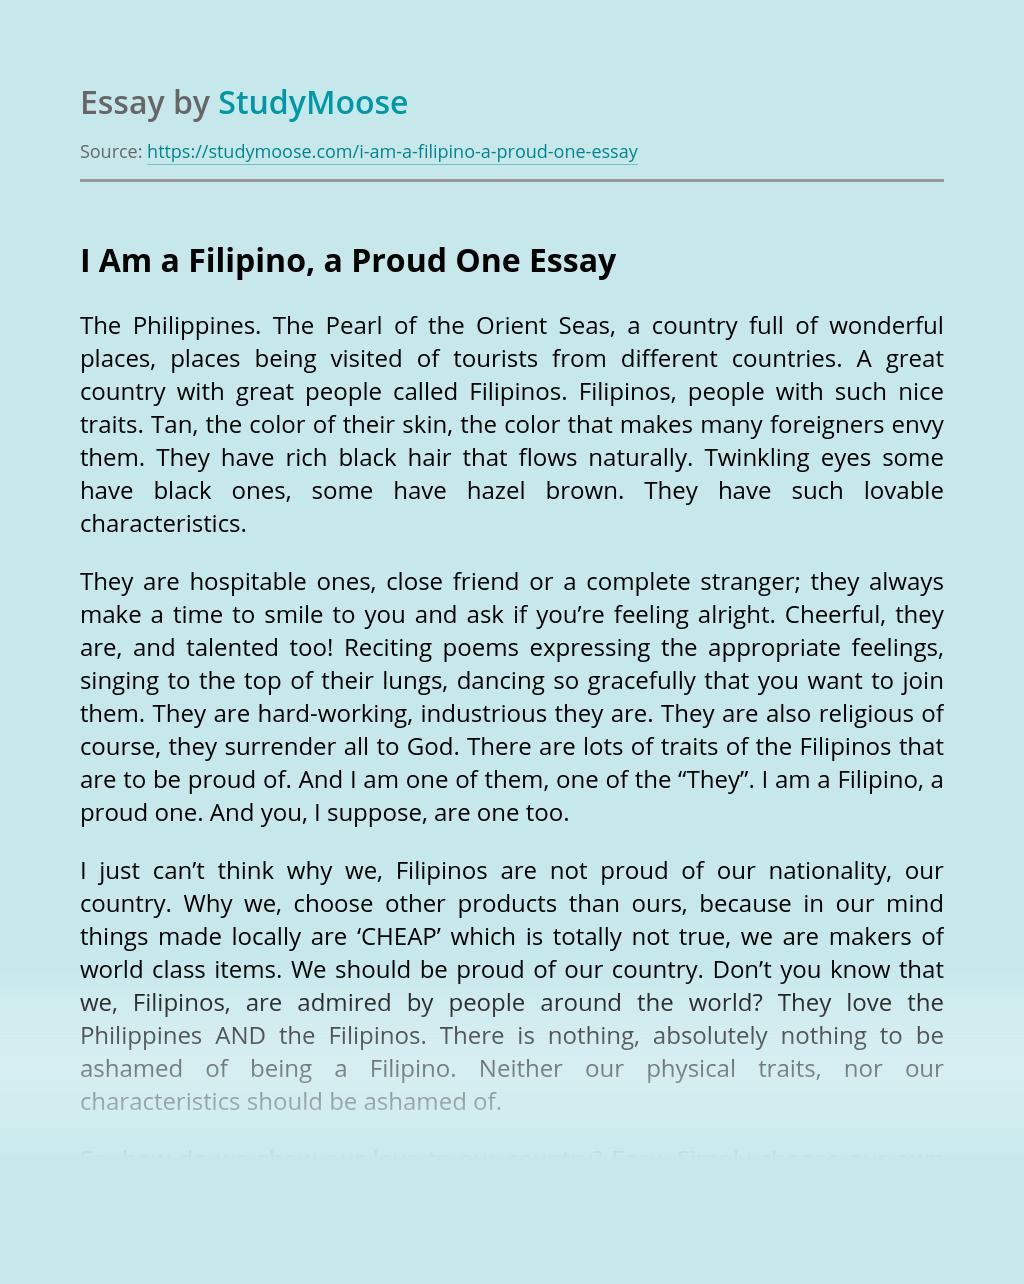 I Am a Filipino, a Proud One